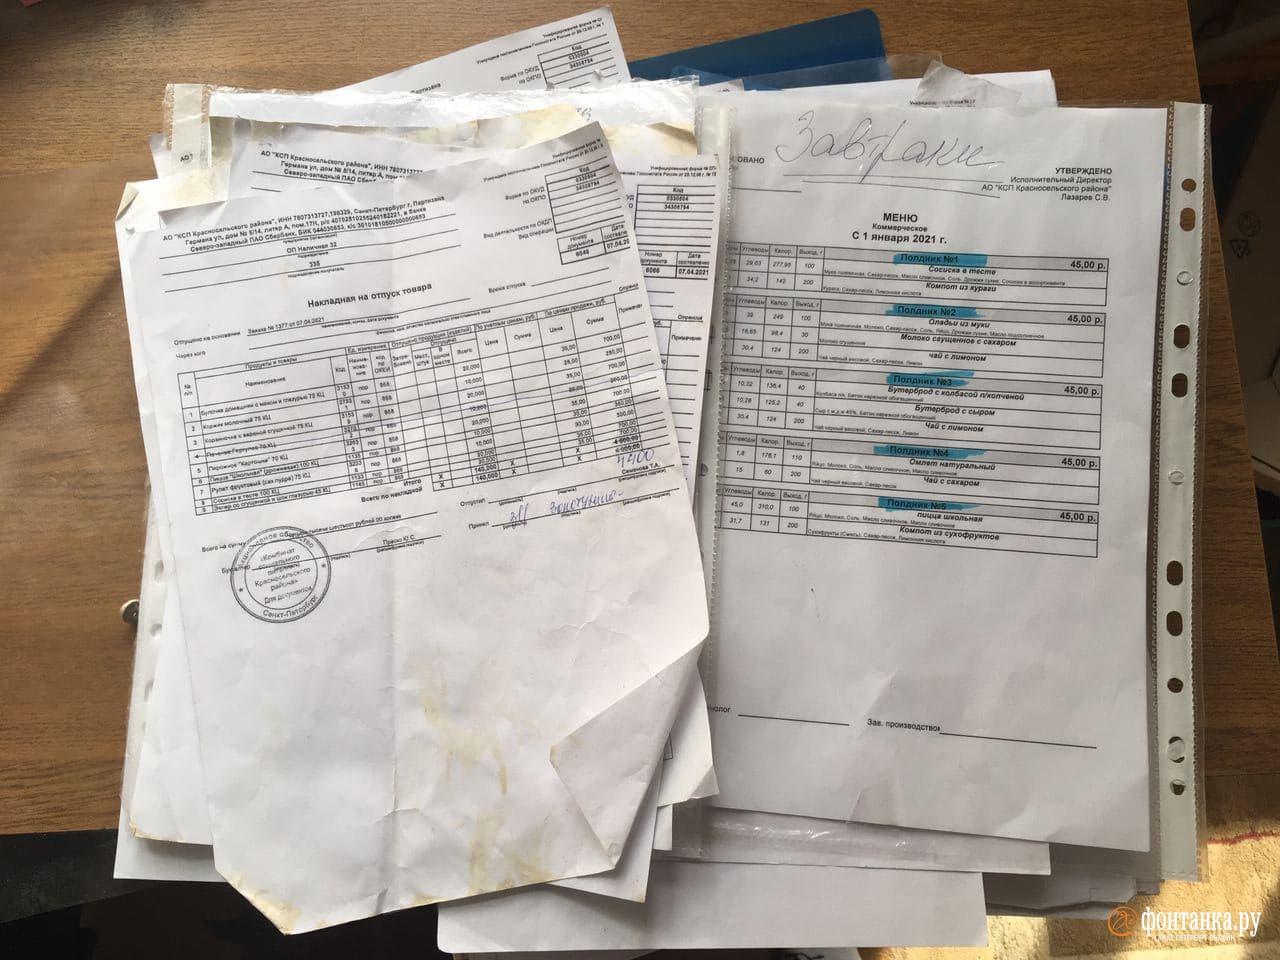 найденные в мусоре у пищеблока на Наличной документы